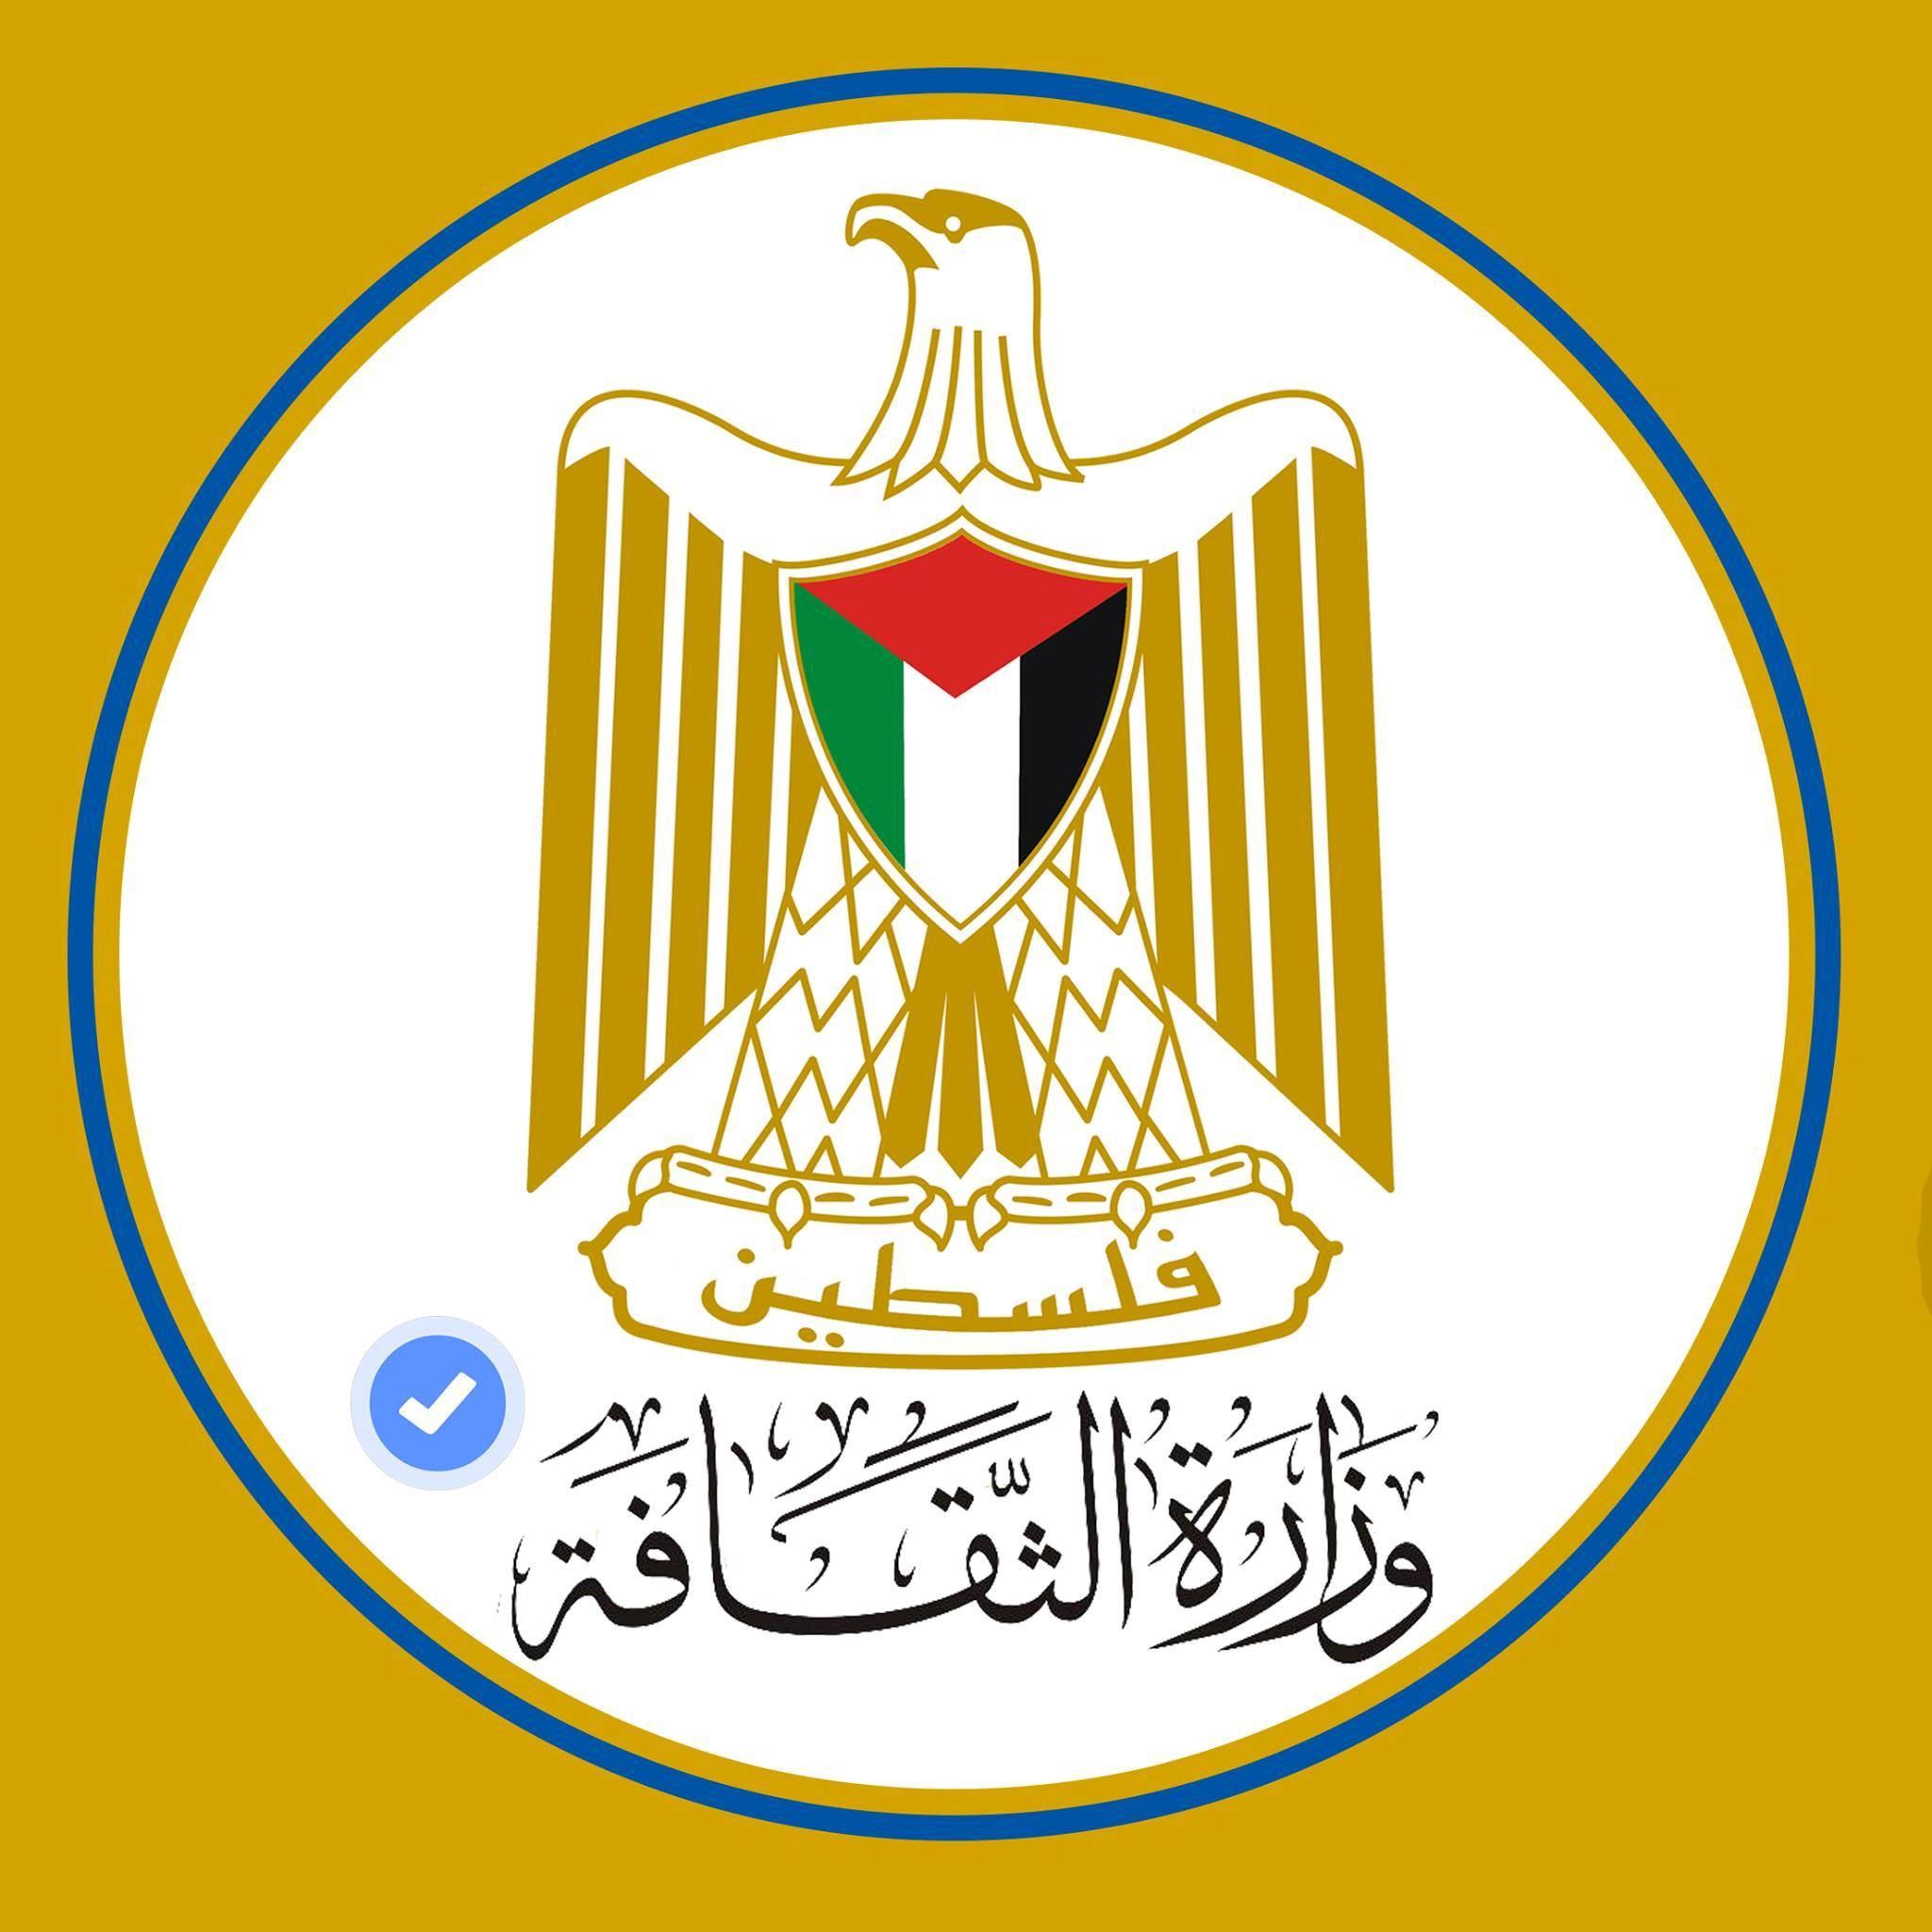 الموت يغيّب الكاتب والناقد الفلسطيني محمد أسعد